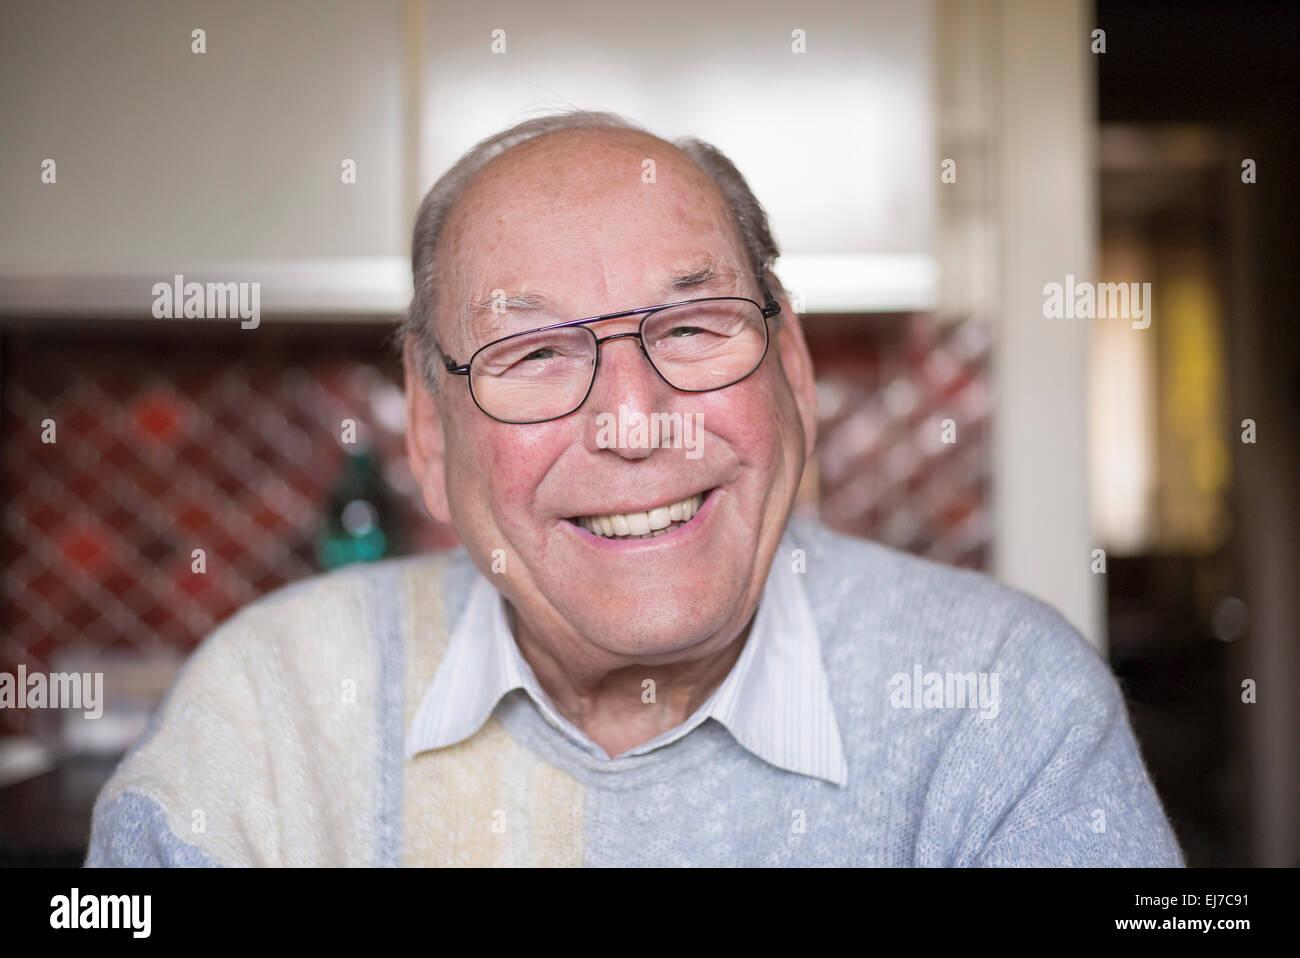 80s sorridente uomo anziano ritratto, ritratto ridere maschio Immagini Stock